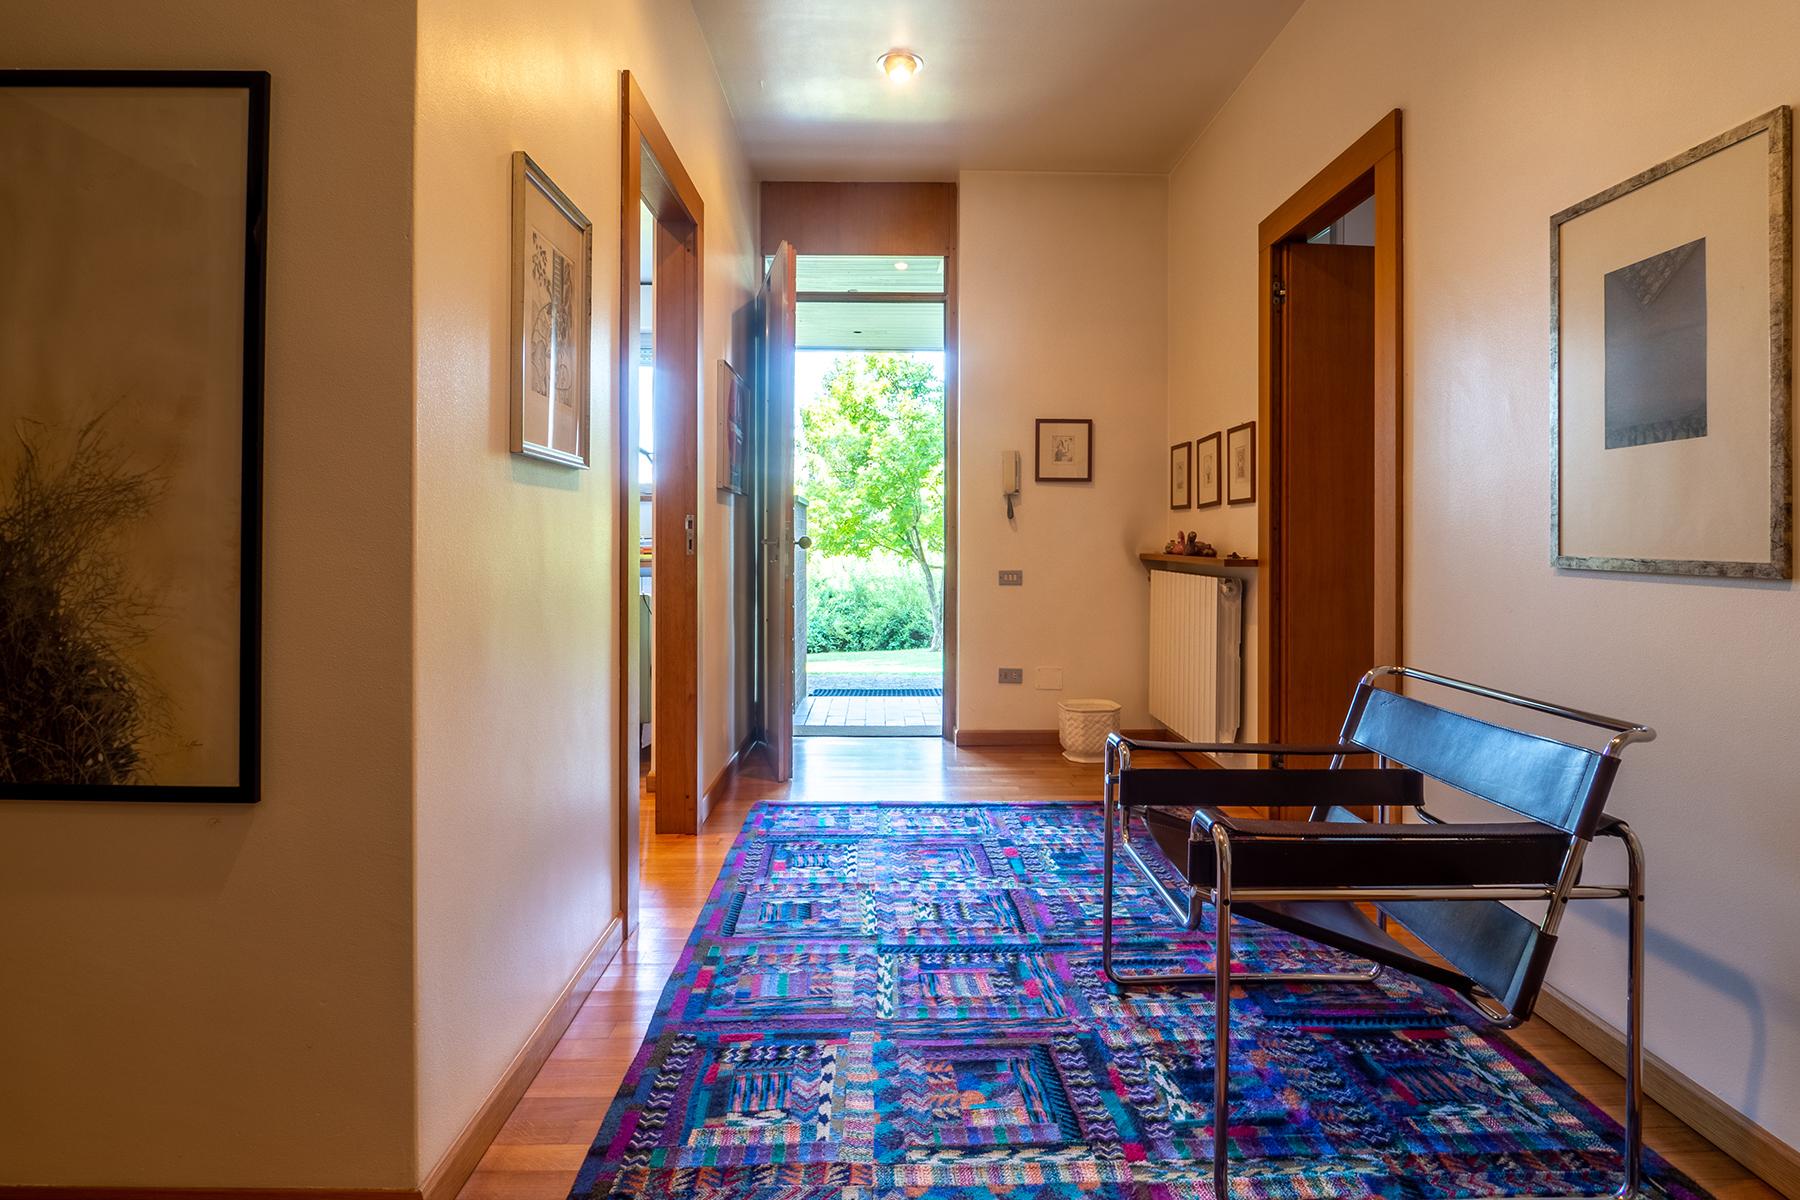 Casa indipendente in Vendita a Rosignano Monferrato: 5 locali, 290 mq - Foto 9